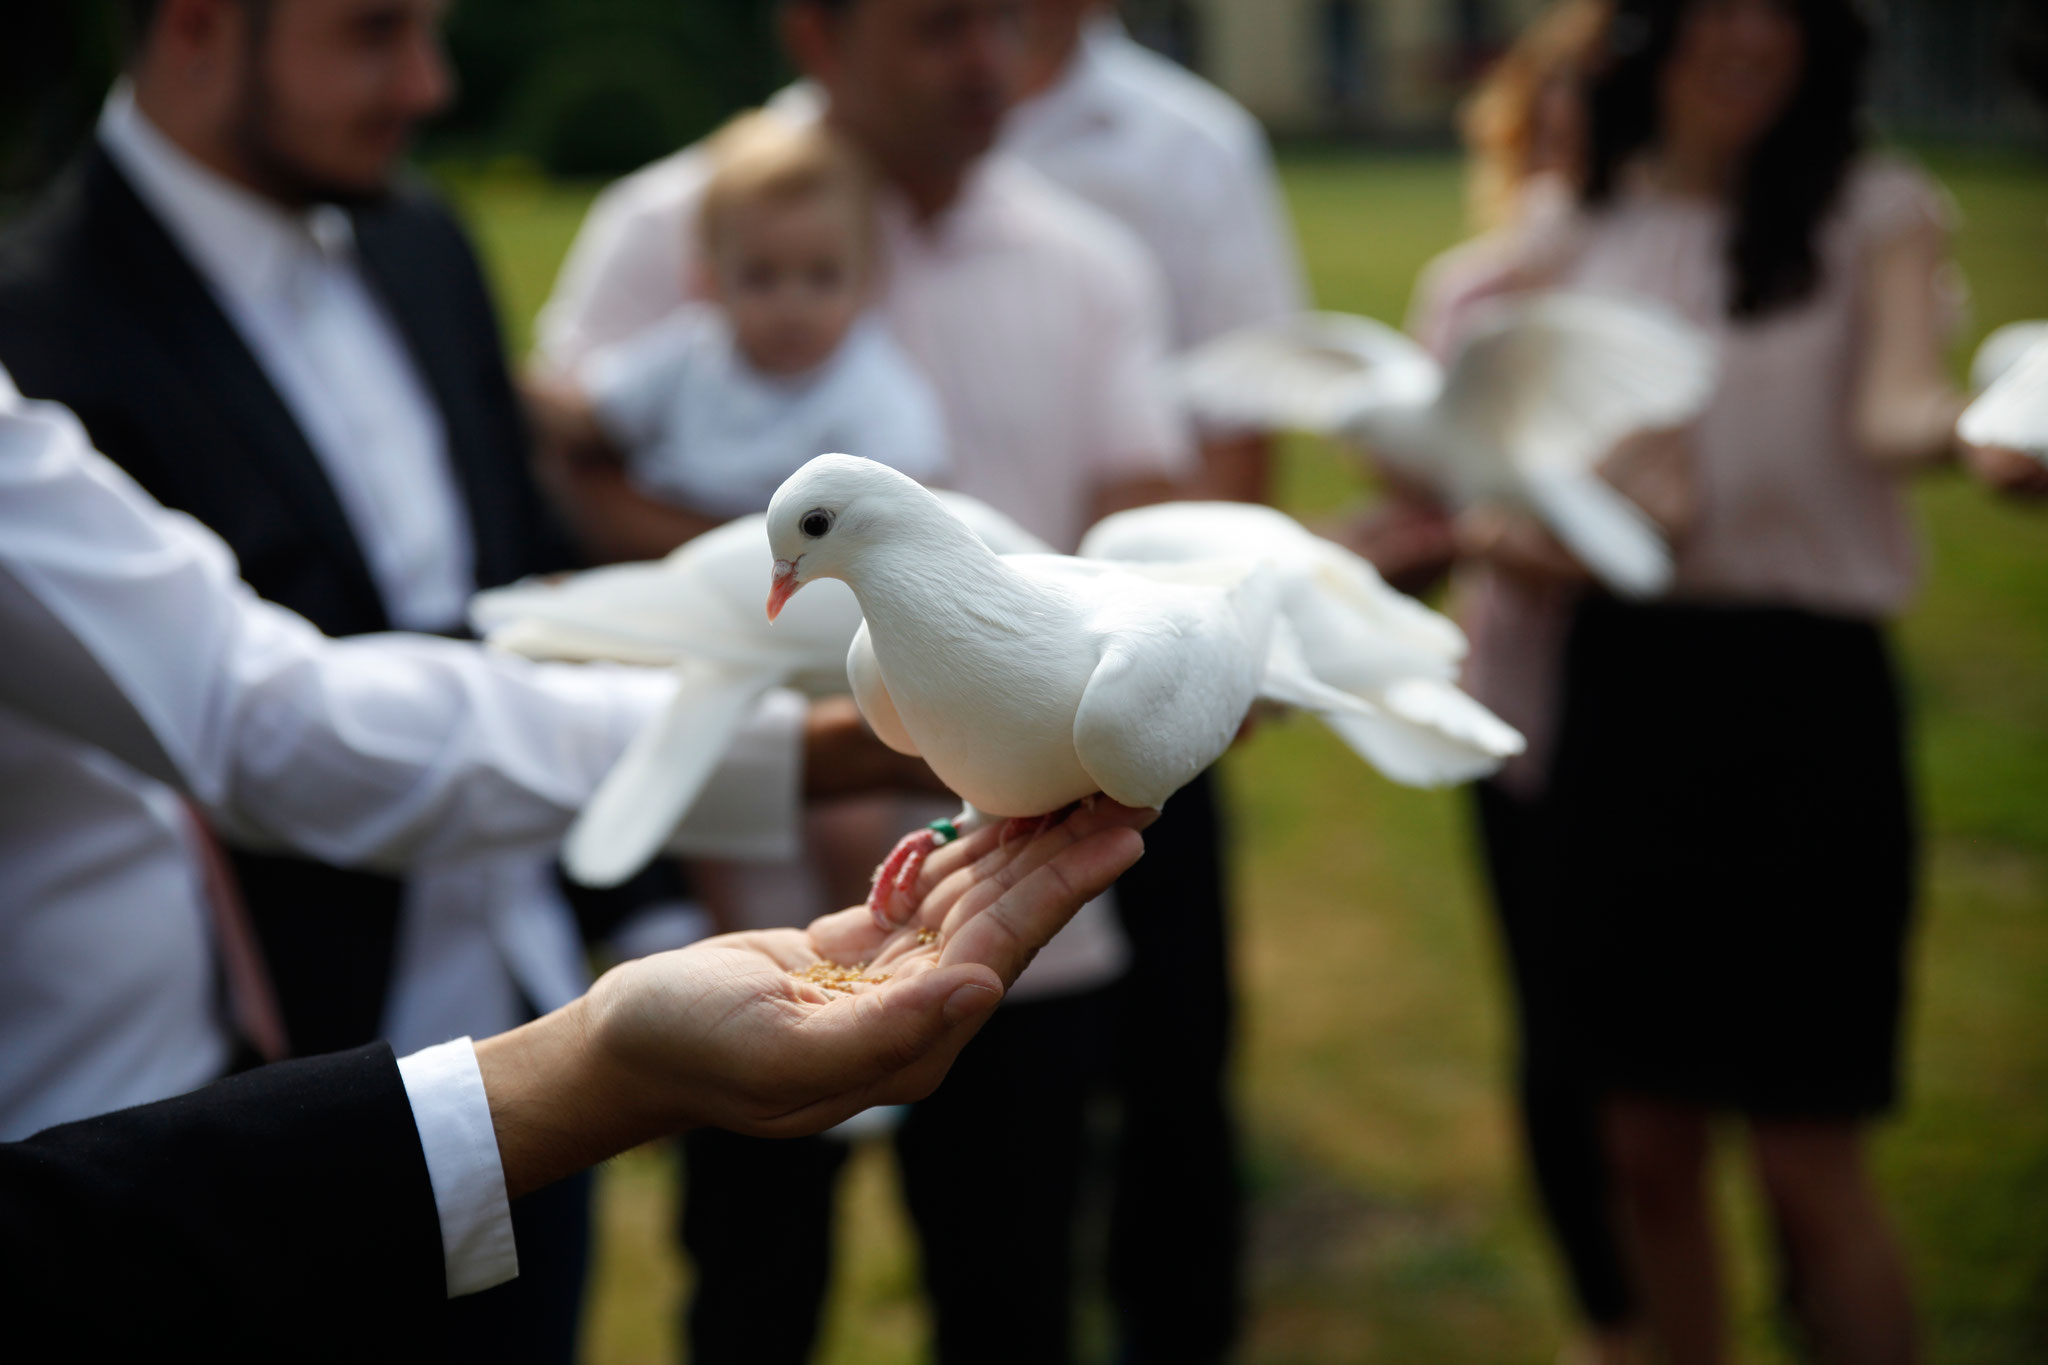 die weißen Tauben kommen zutraulich auf die Hand geflogen